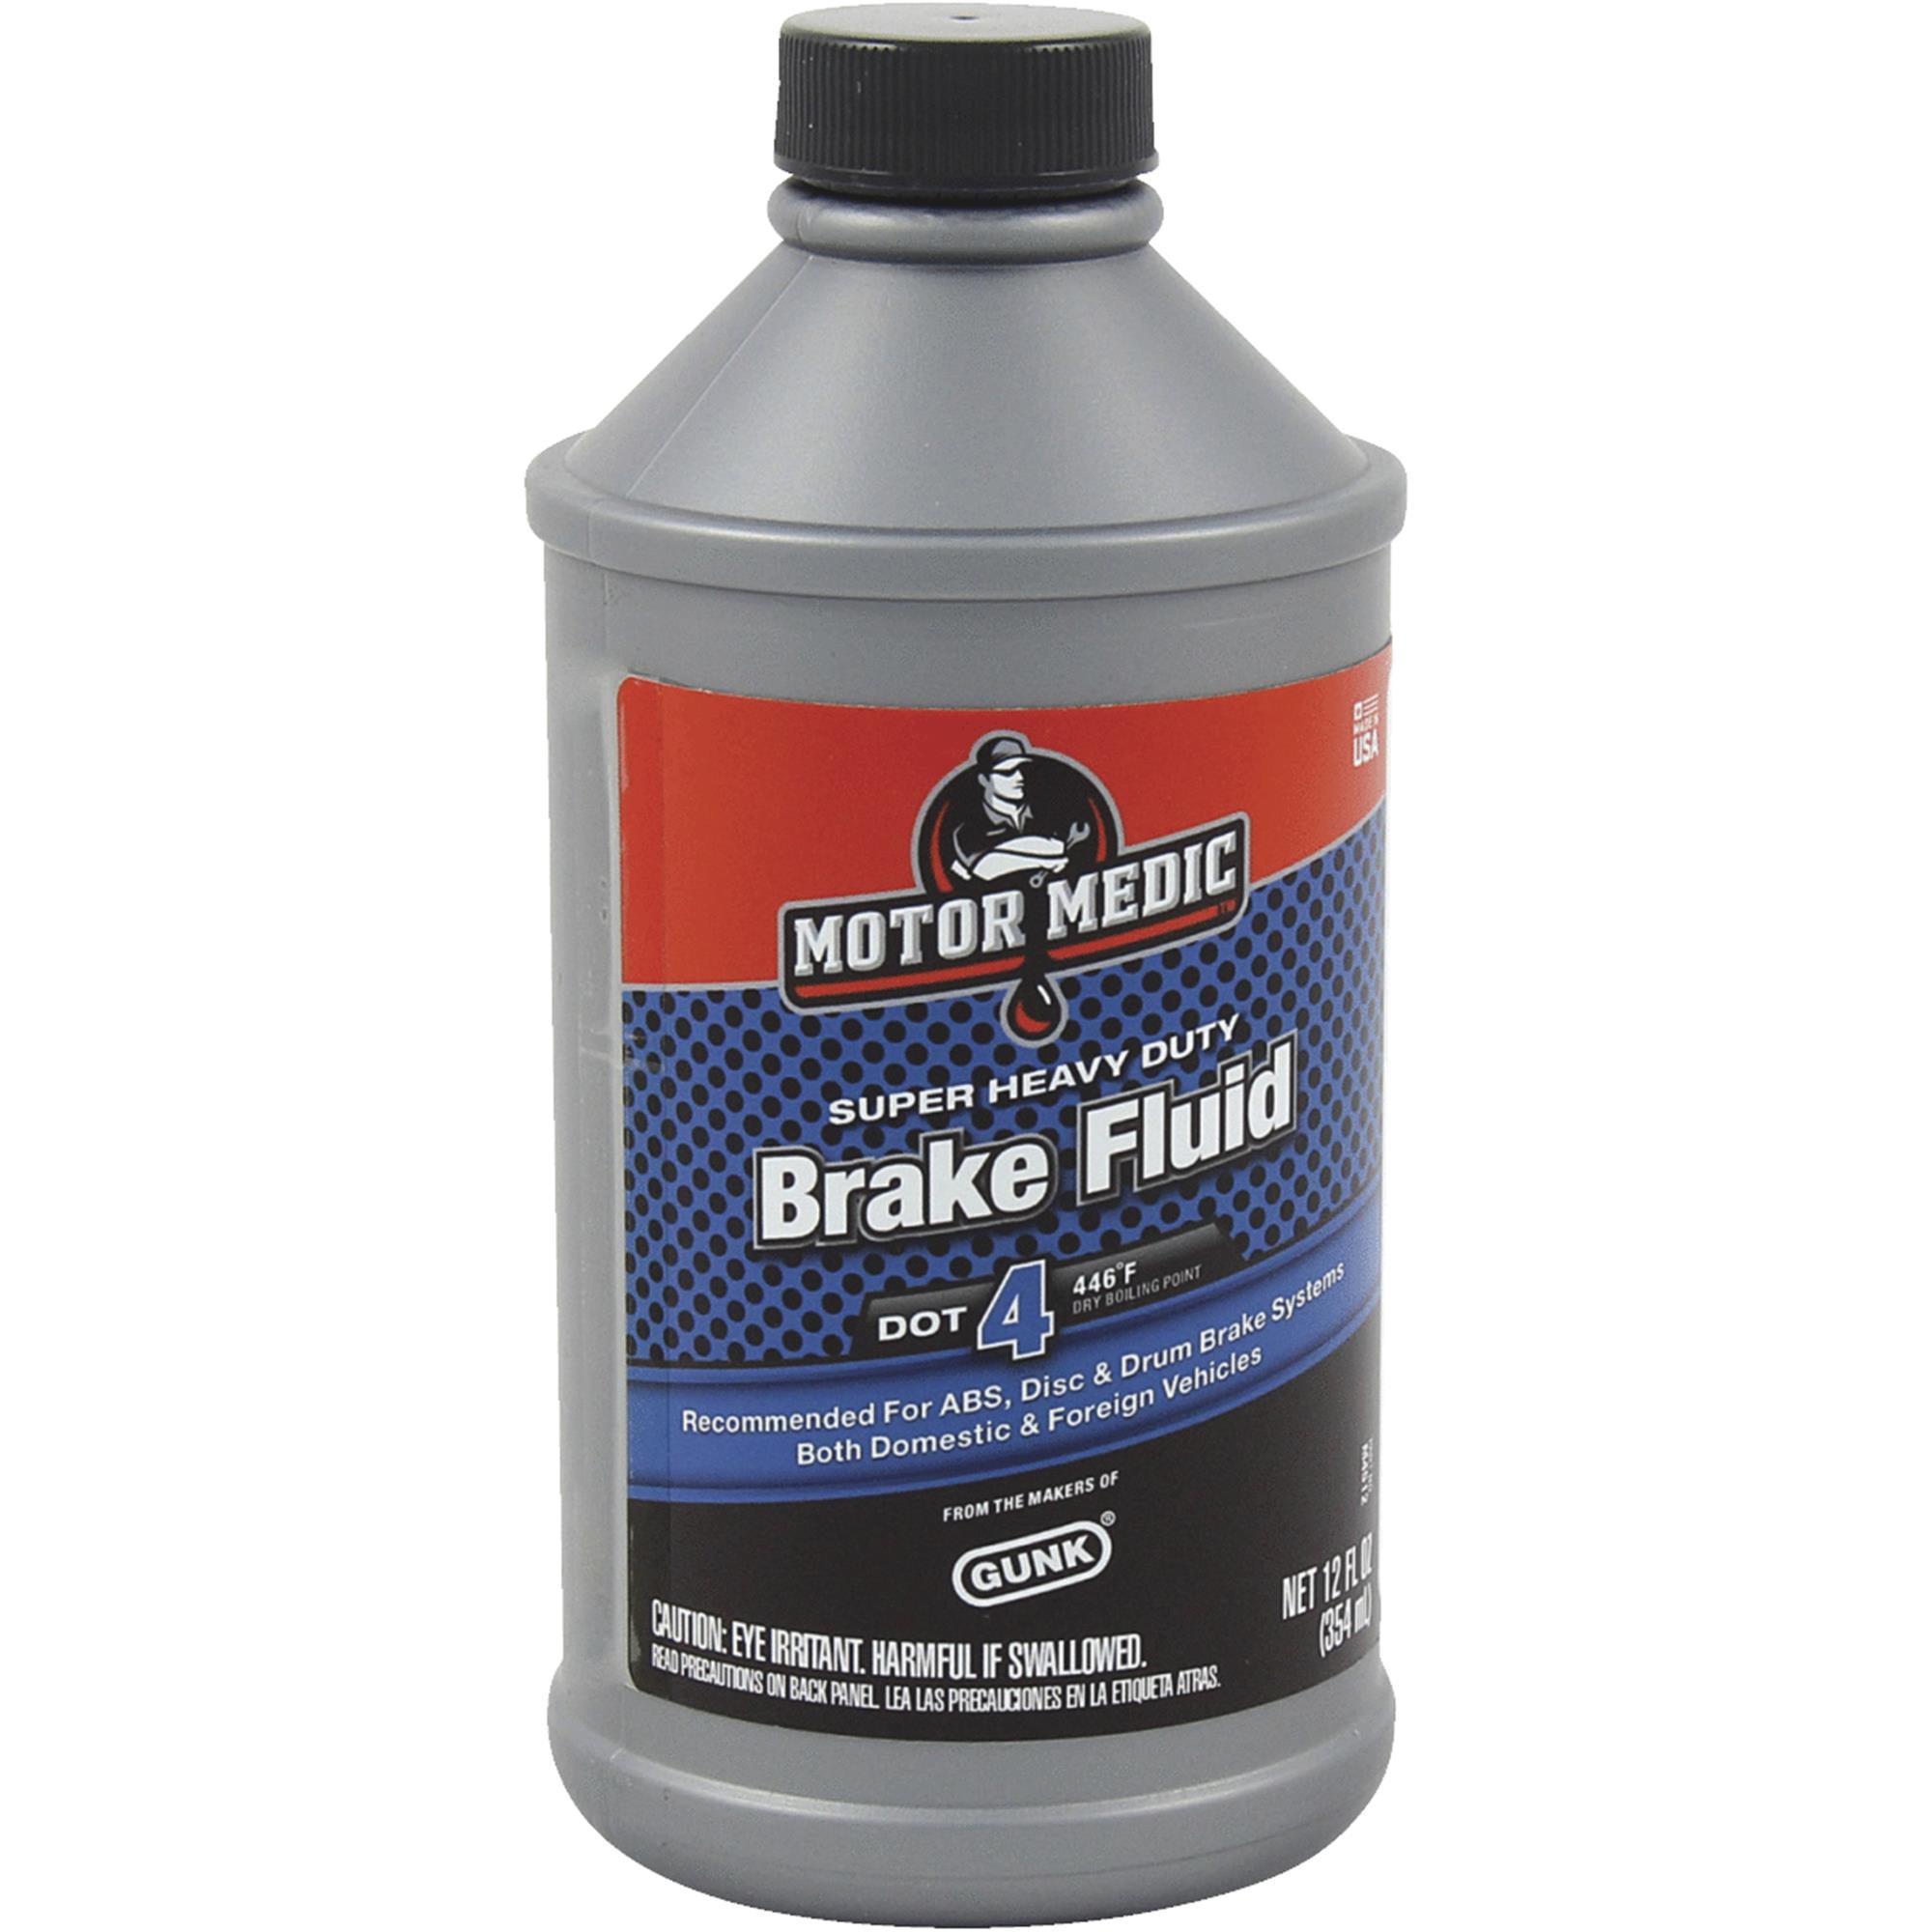 MotorMedic Super Heavy-Duty DOT 4 Brake Fluid